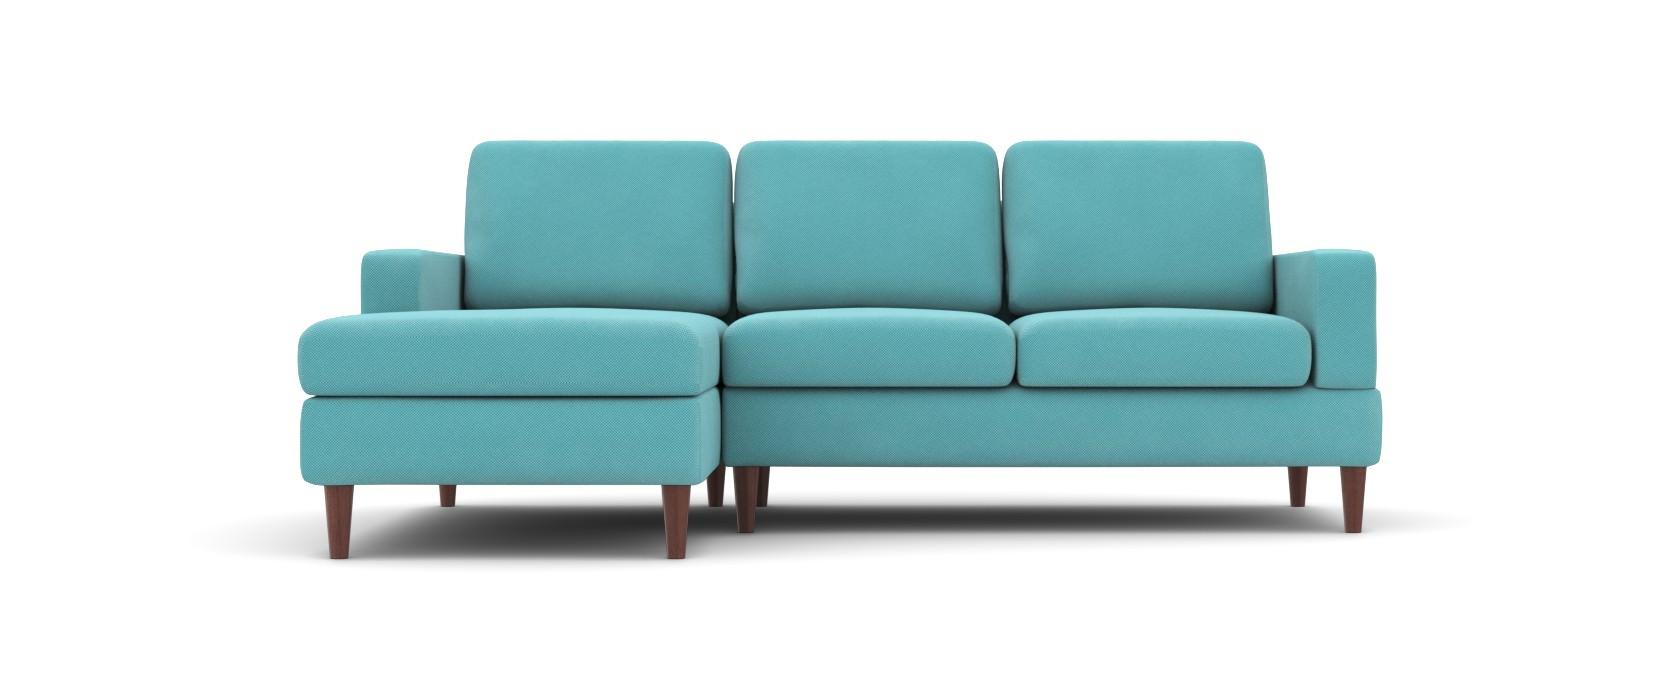 Кутовий диван Bruno - Фото 1 - Pufetto